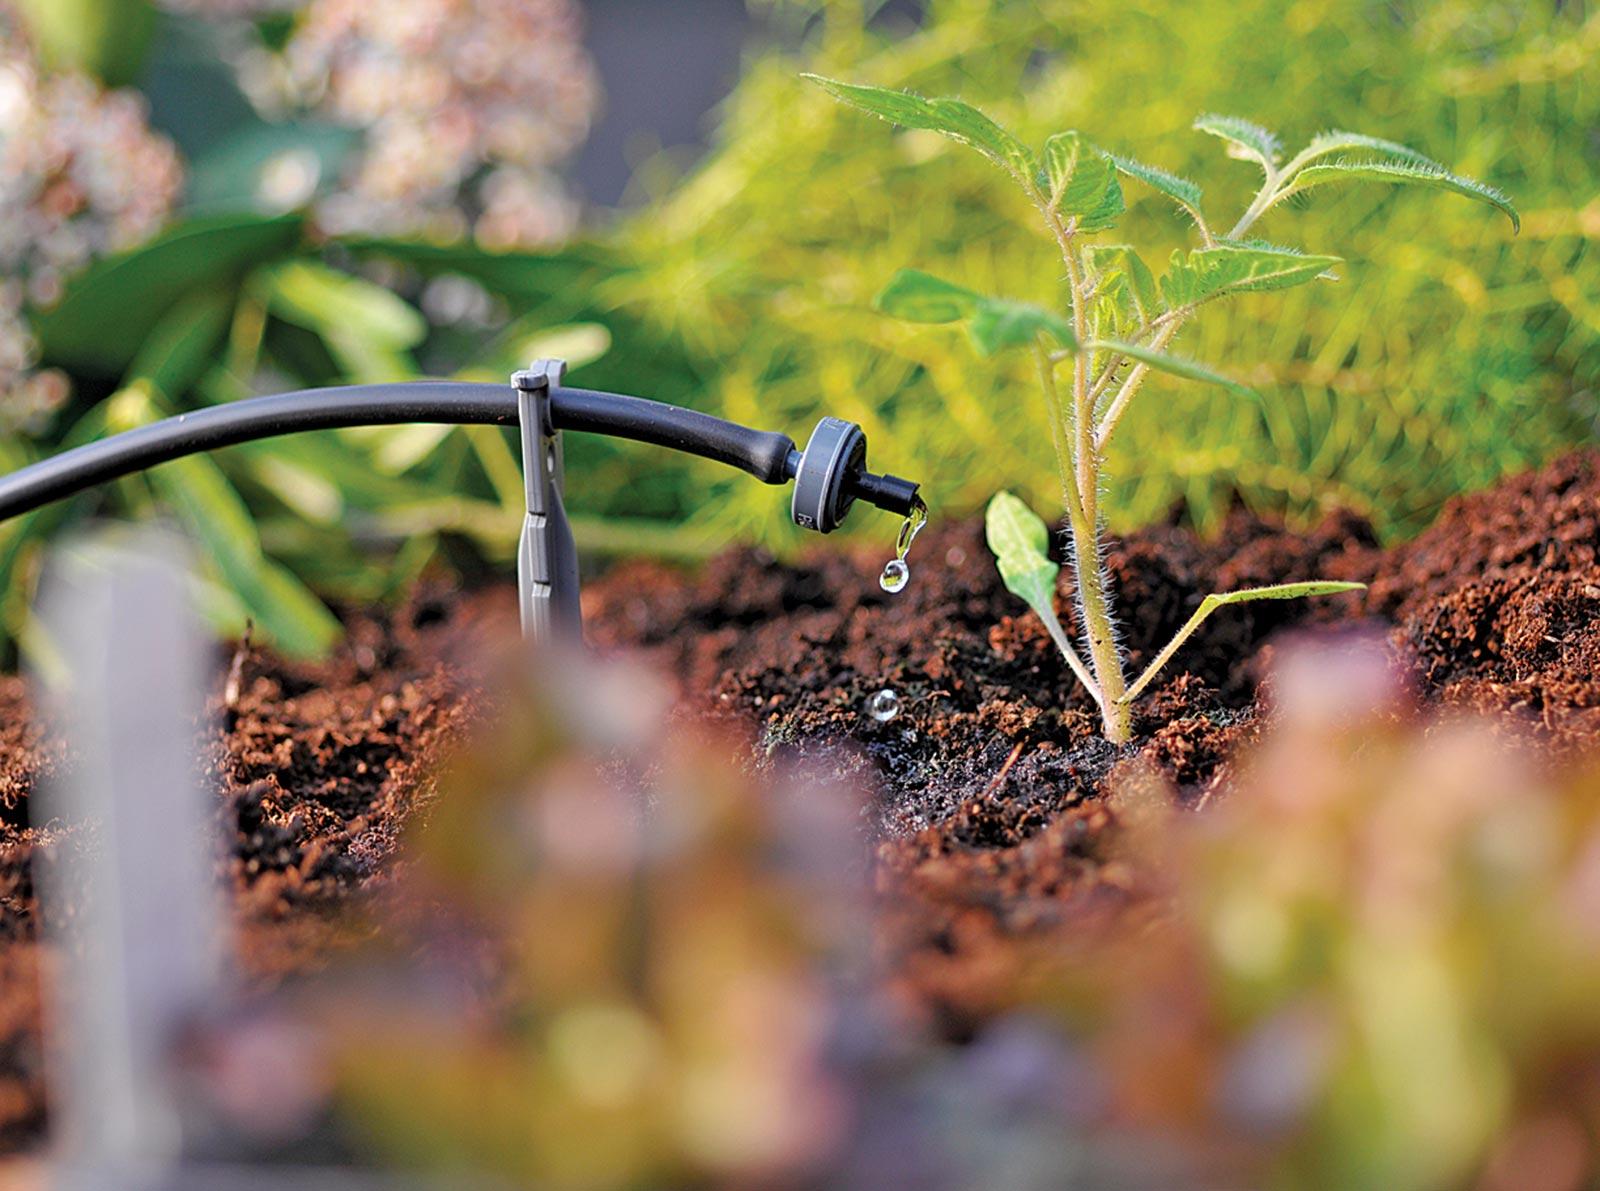 VianPool Top 17 loại cây lọc không khí hiệu quả nên trồng, dễ chăm sóc